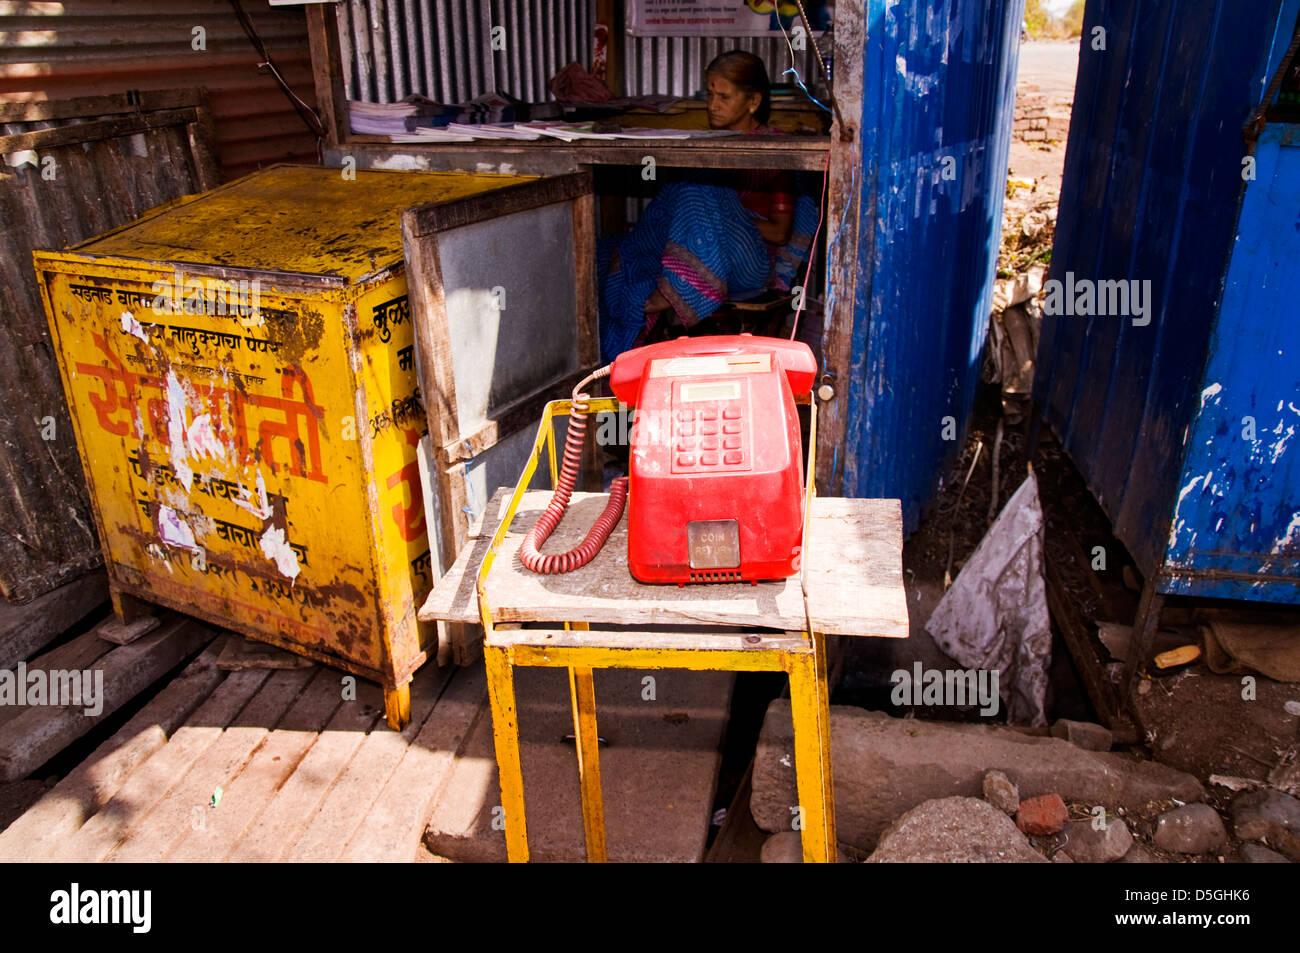 Public telephone kiosk stall in Paud Mulshi Valley Pune Maharashtra India - Stock Image